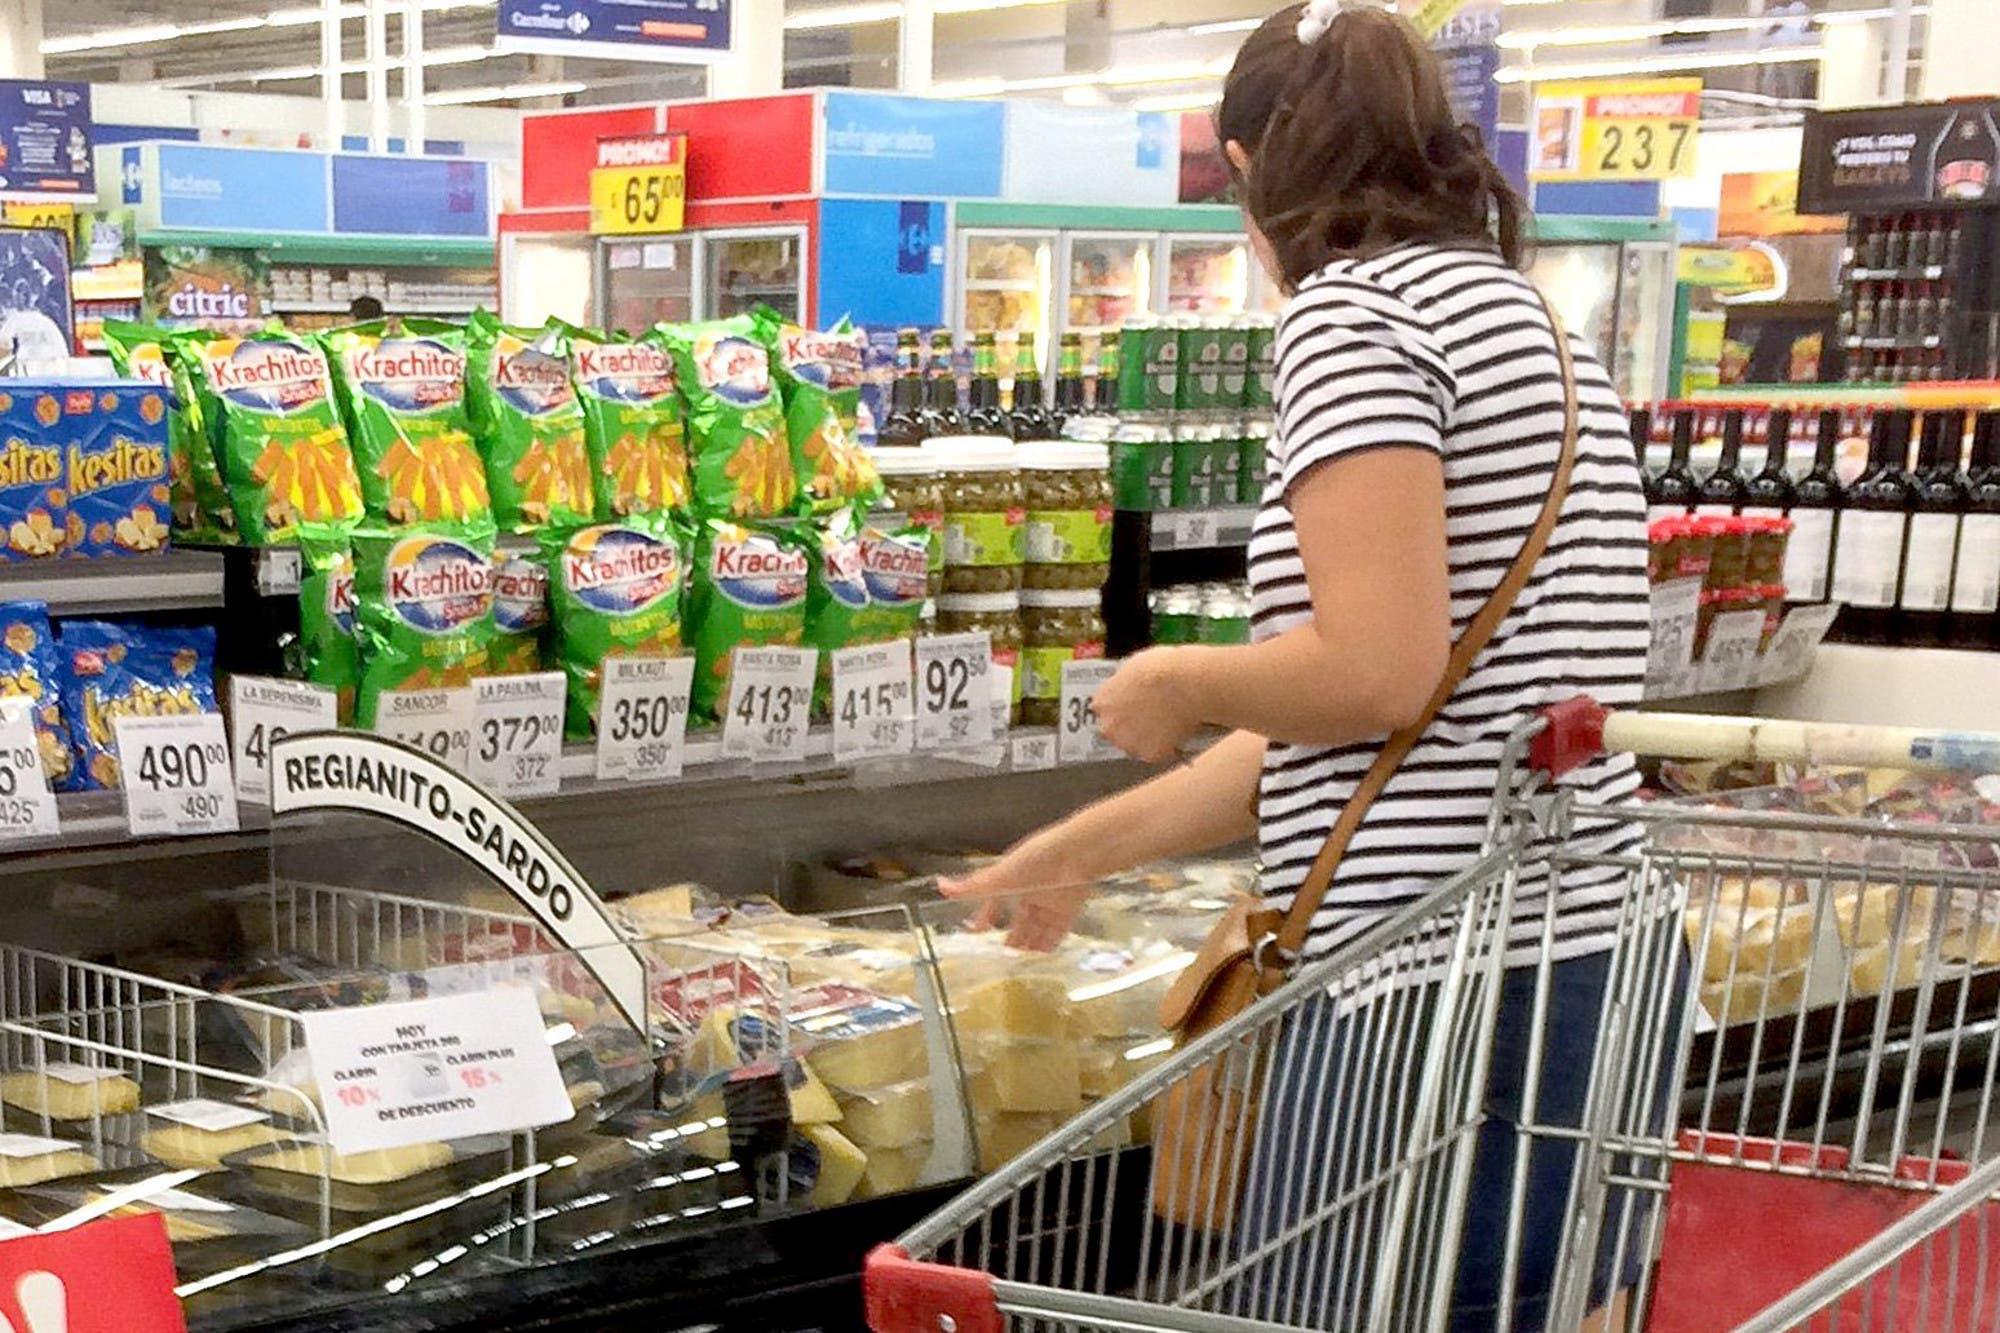 Inflación: la industria y el comercio alertan que el alza de tarifas impactará en un aumento de los precios